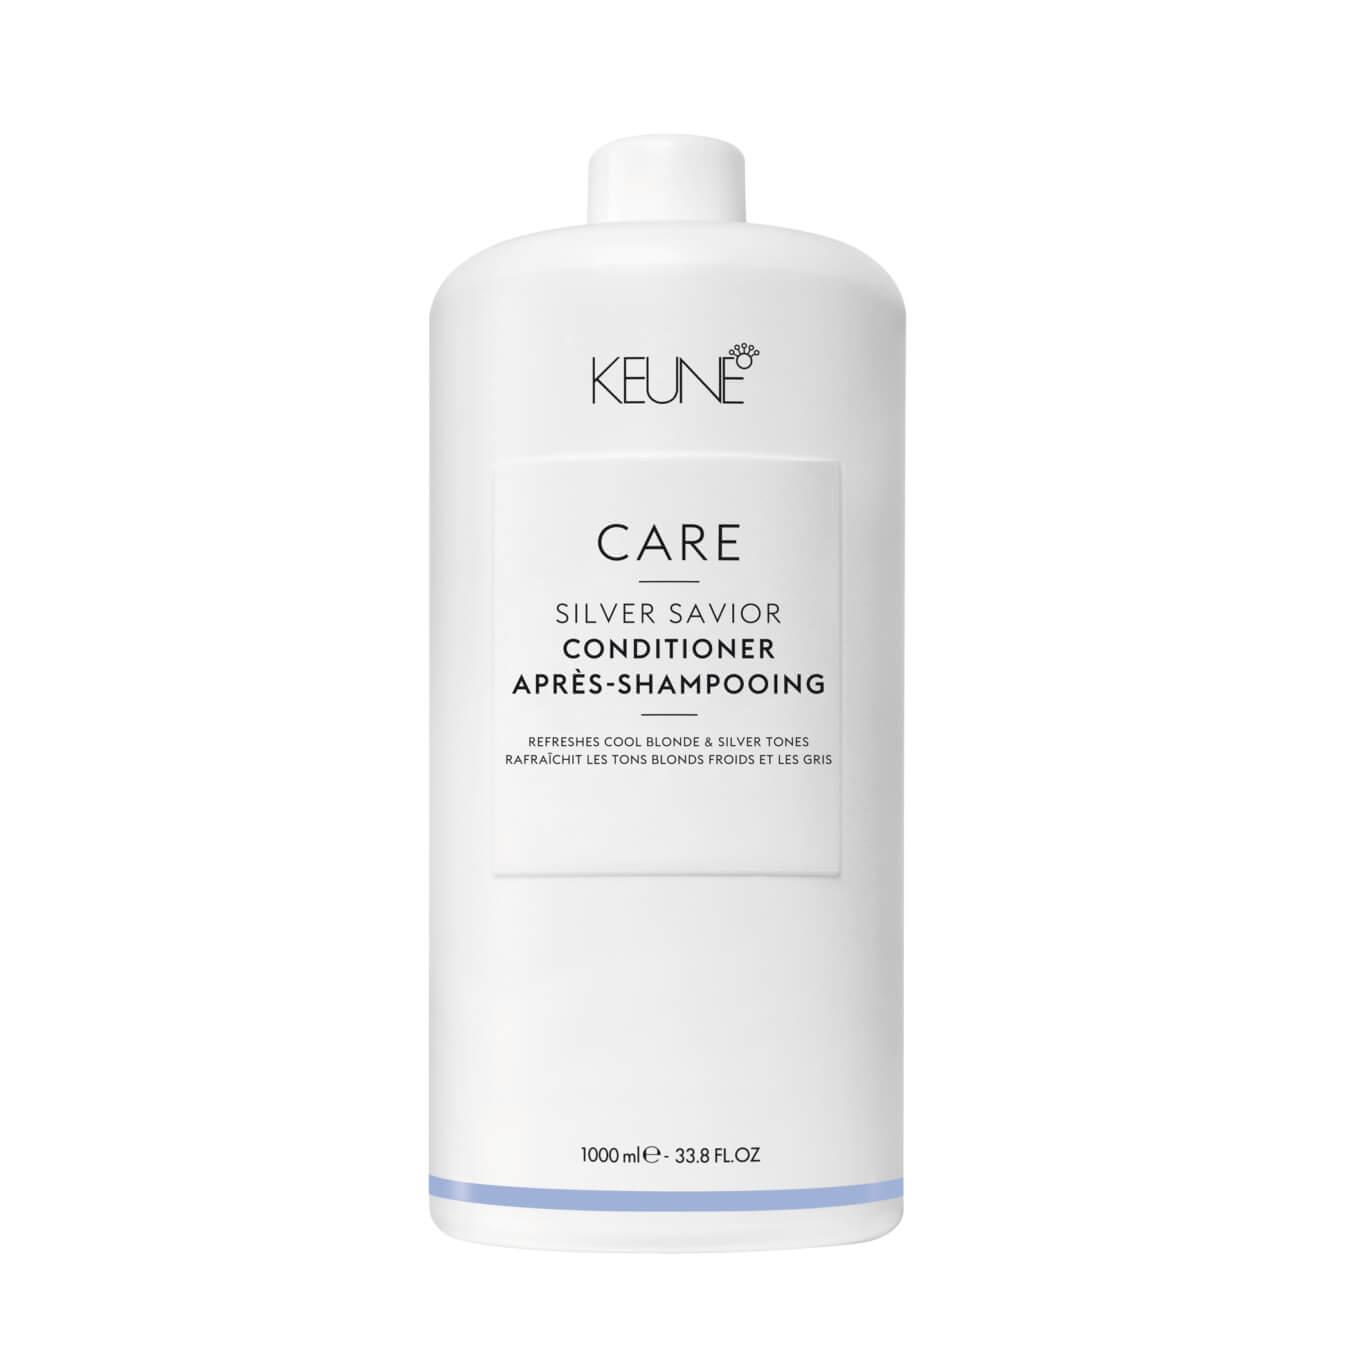 Kauf Keune Care Silver Savior Conditioner 1000ml